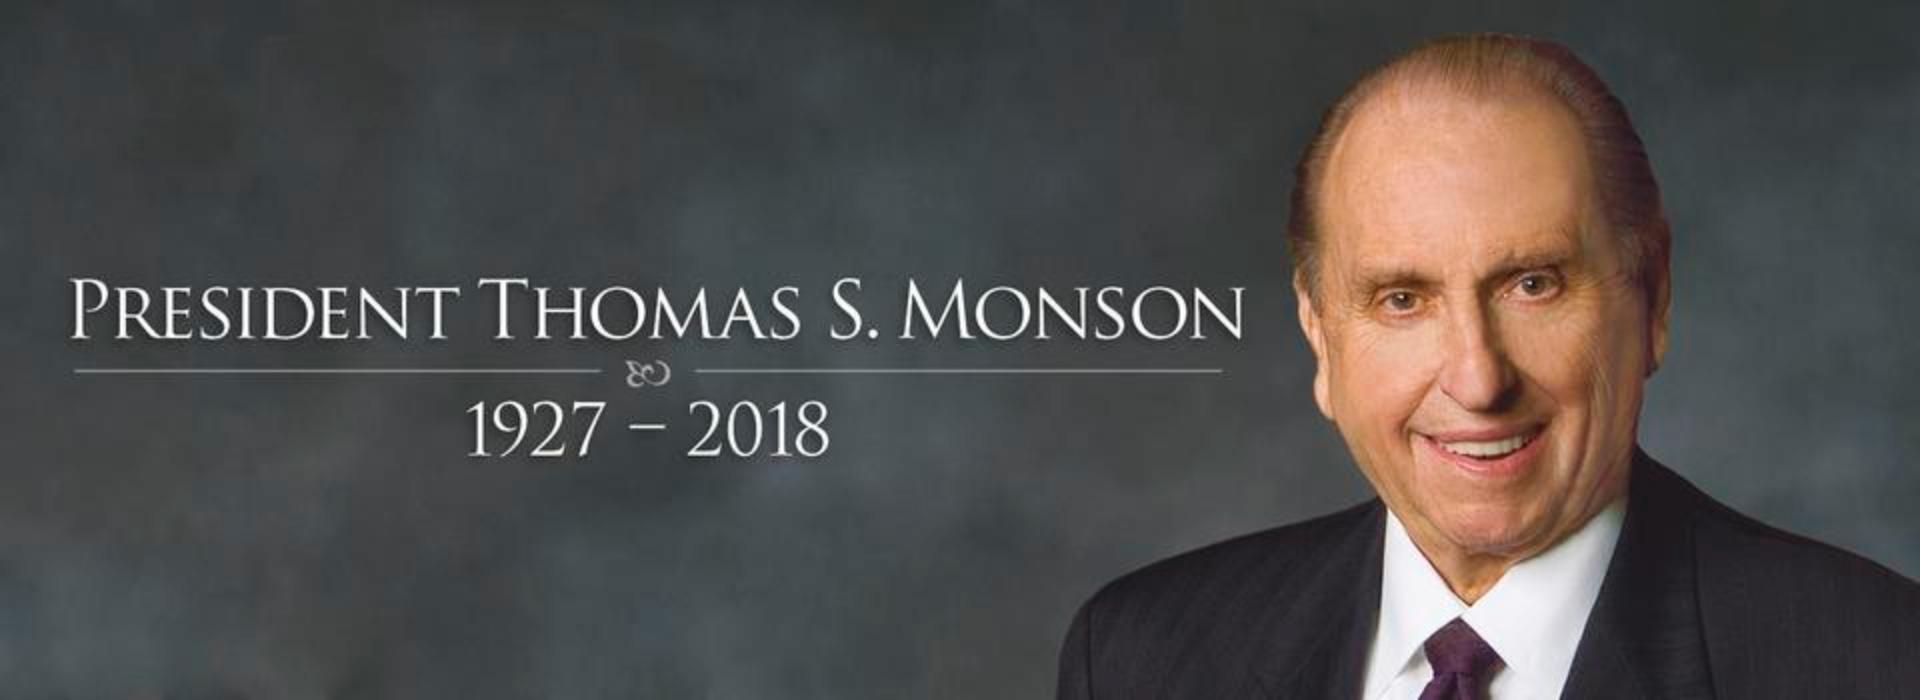 President Monson overleden